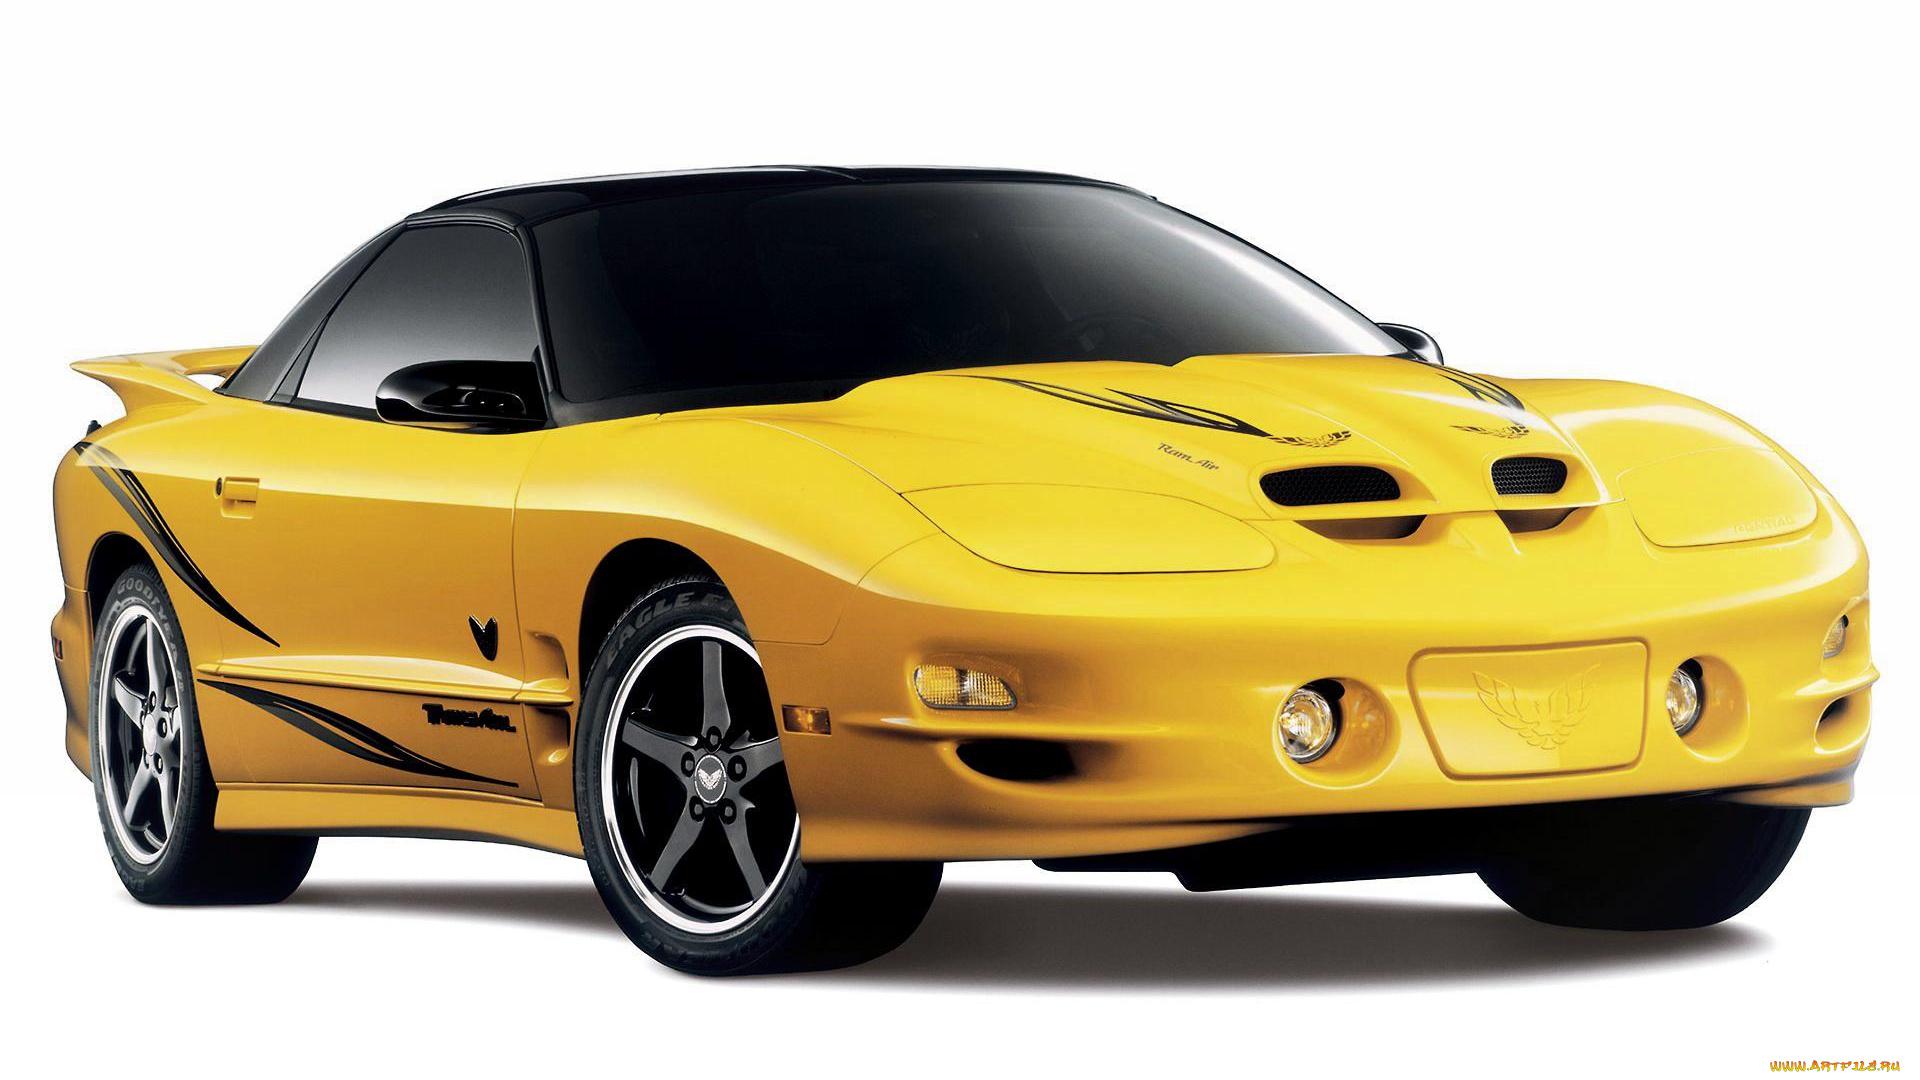 Картинка машины на прозрачном фоне